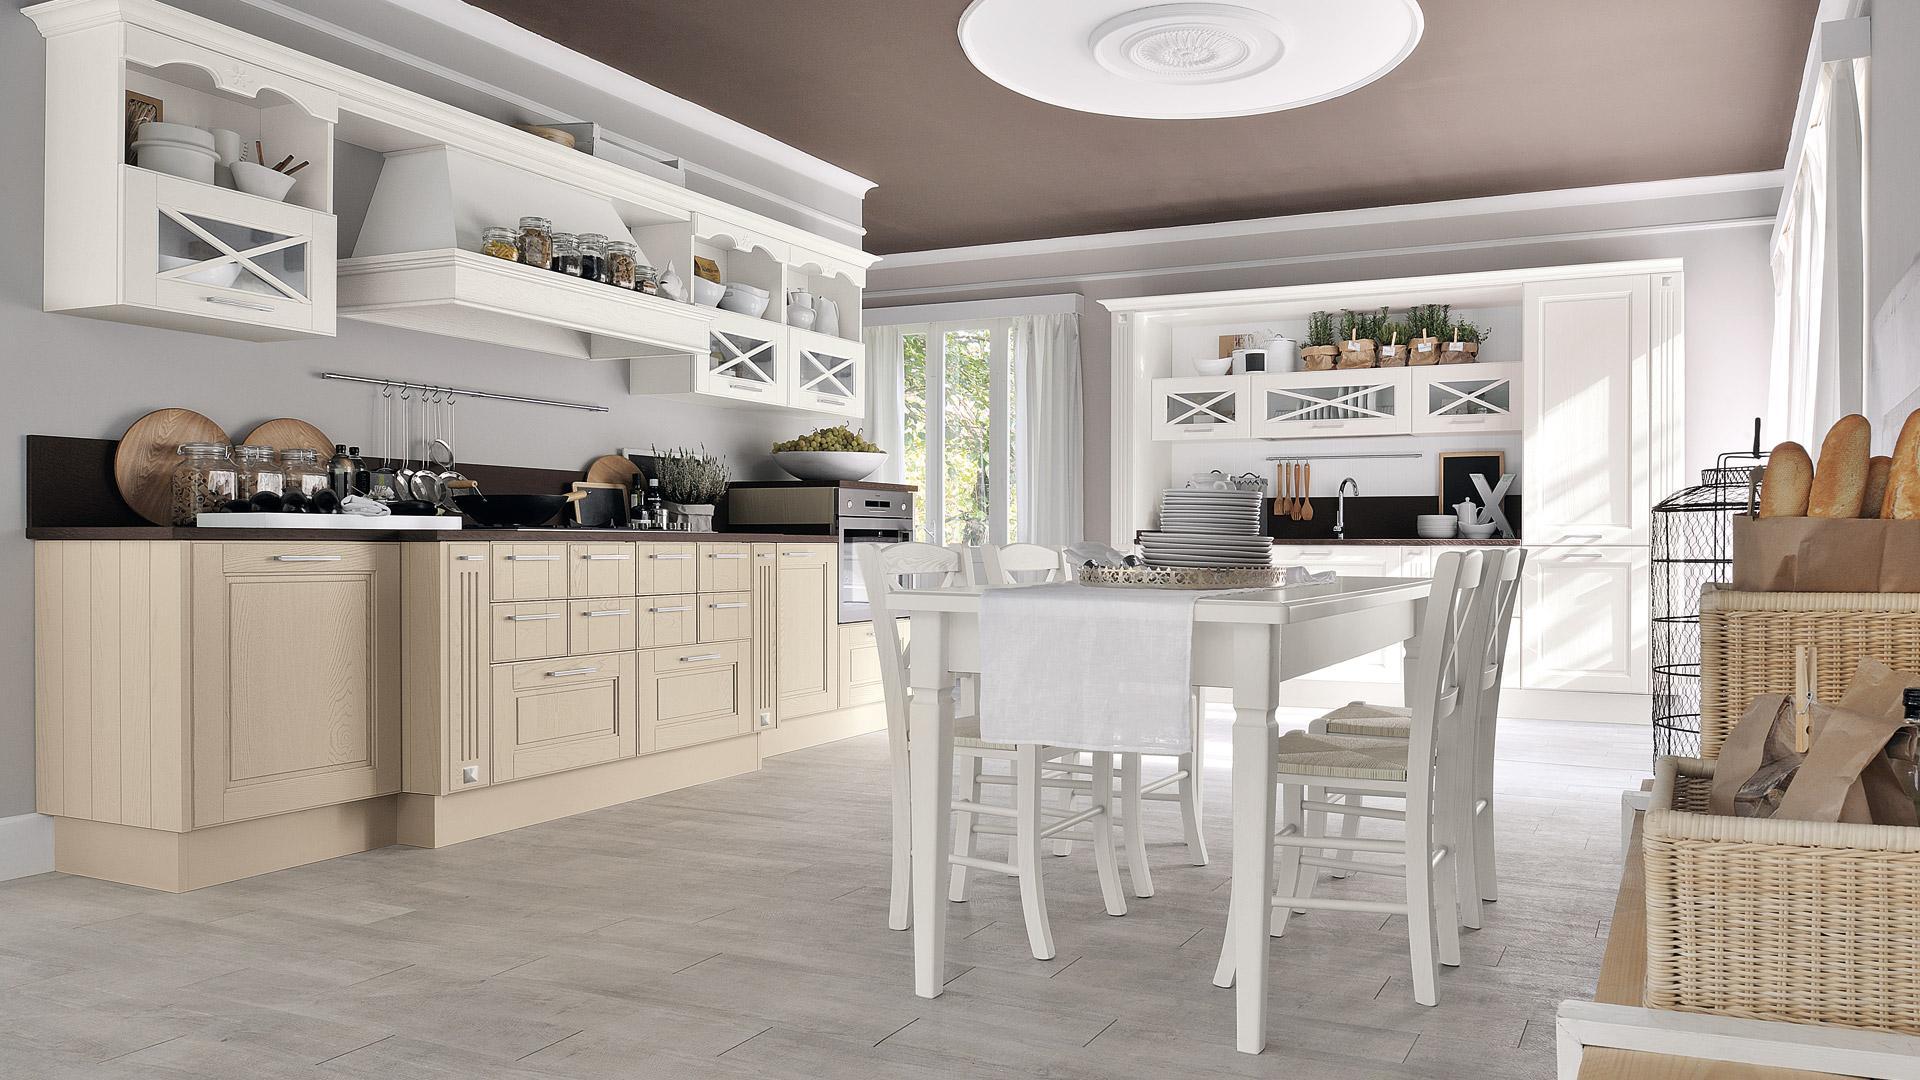 Awesome Prezioso Casa Cucine Ideas - Lepicentre.info - lepicentre.info